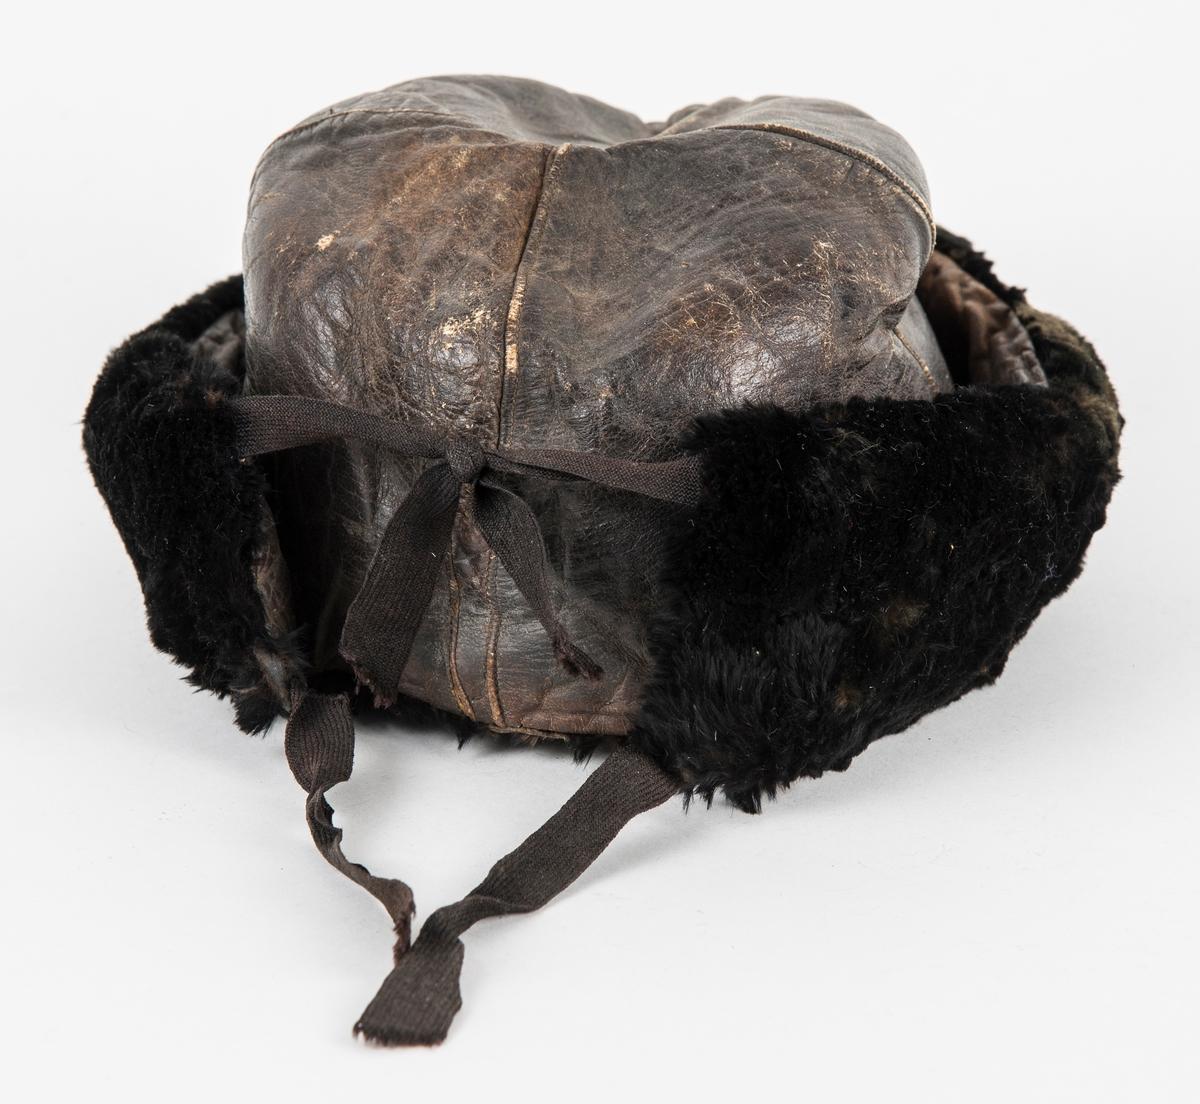 Trøye i gult semska skinn. Framstykka, kragen og framme på ermane er dekorert med lasksaum. Seks knappehol og fire messingknappar. Knappane er festa med skinnsnor på innsida. Søm midt bak opp til 12 cm frå halslinninga. 12 cm splitt nederst.  Søm i kvar side.  Delvis fora på framstykkene og nederst på bakstykket med ubleika lin, satt saman av mange bitar. (Heile jakka er sannsynlegvis vore fòra ). Lomme med lommeklaff på kvar side. Erme med to knapparhol på kvart erme. Knappar manglar.